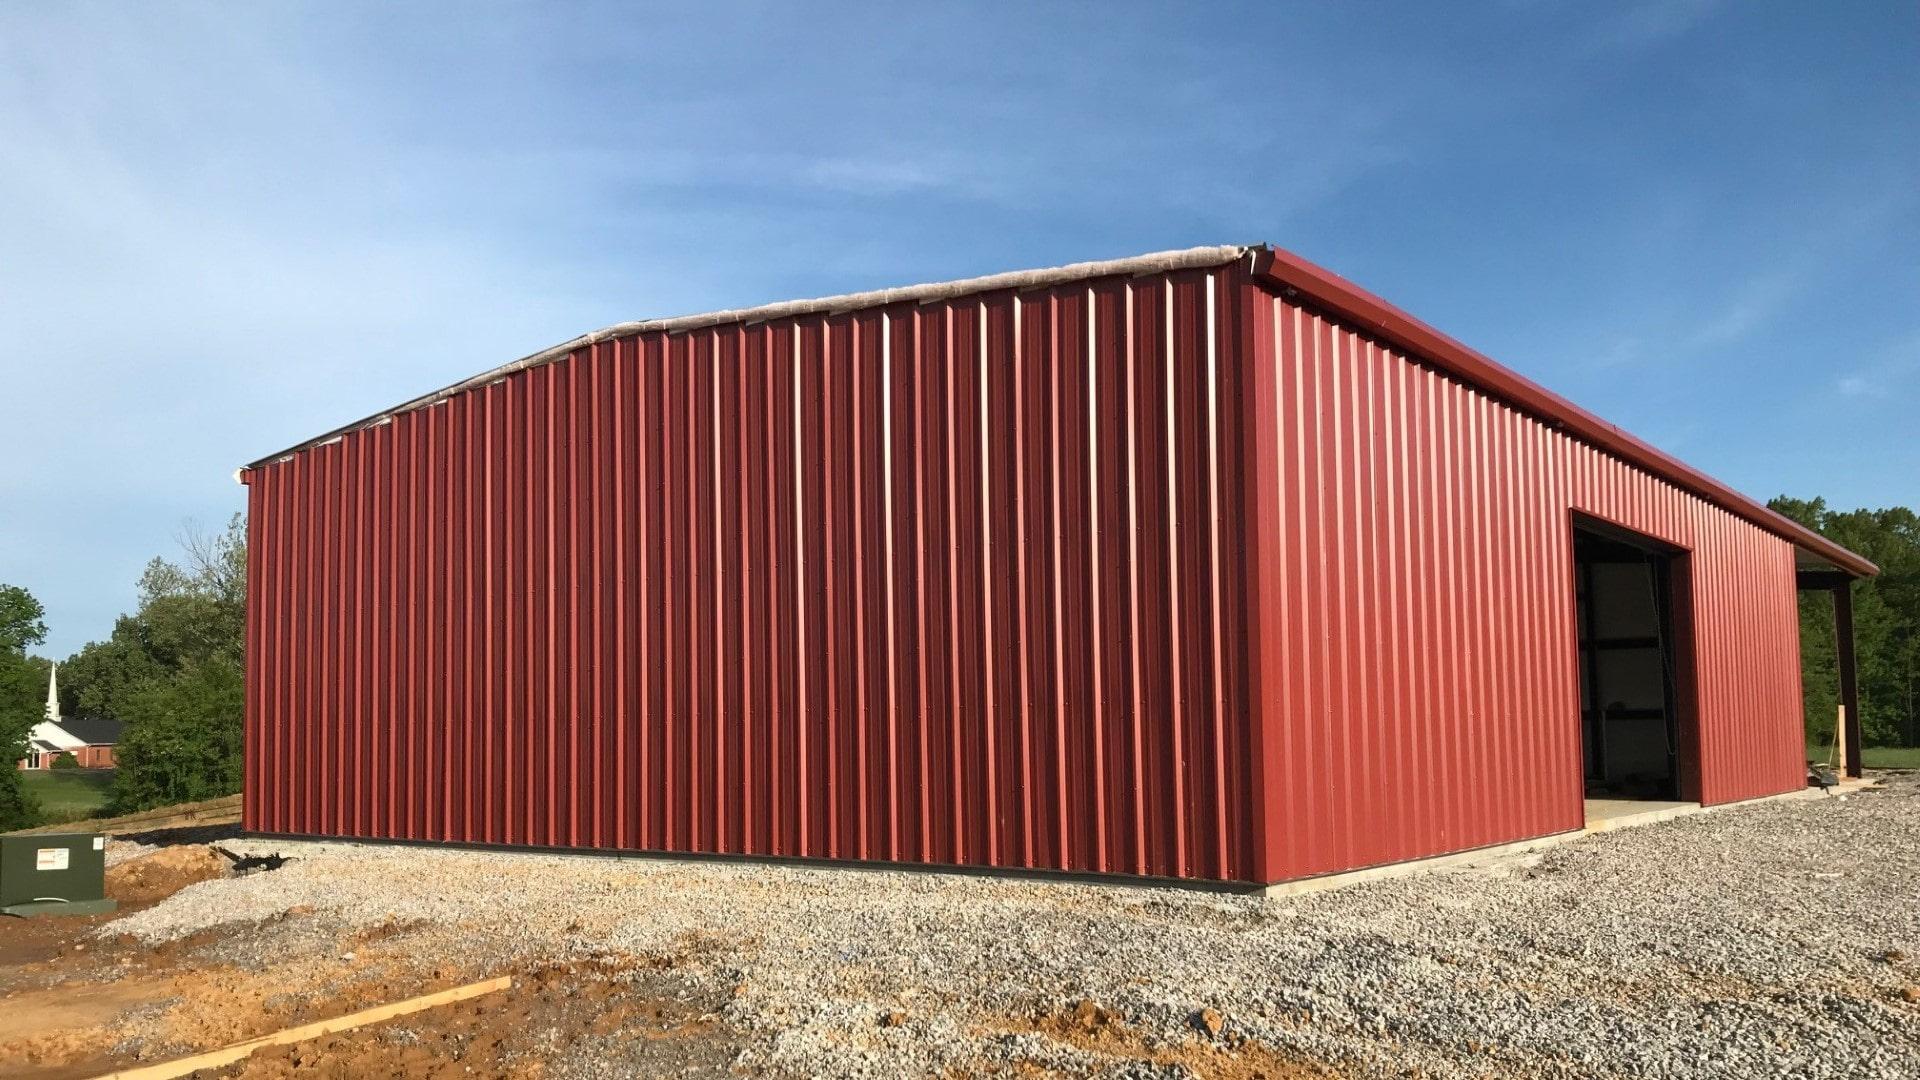 Red metal garage kit view of gable end during erecting awaiting rake trim installation.